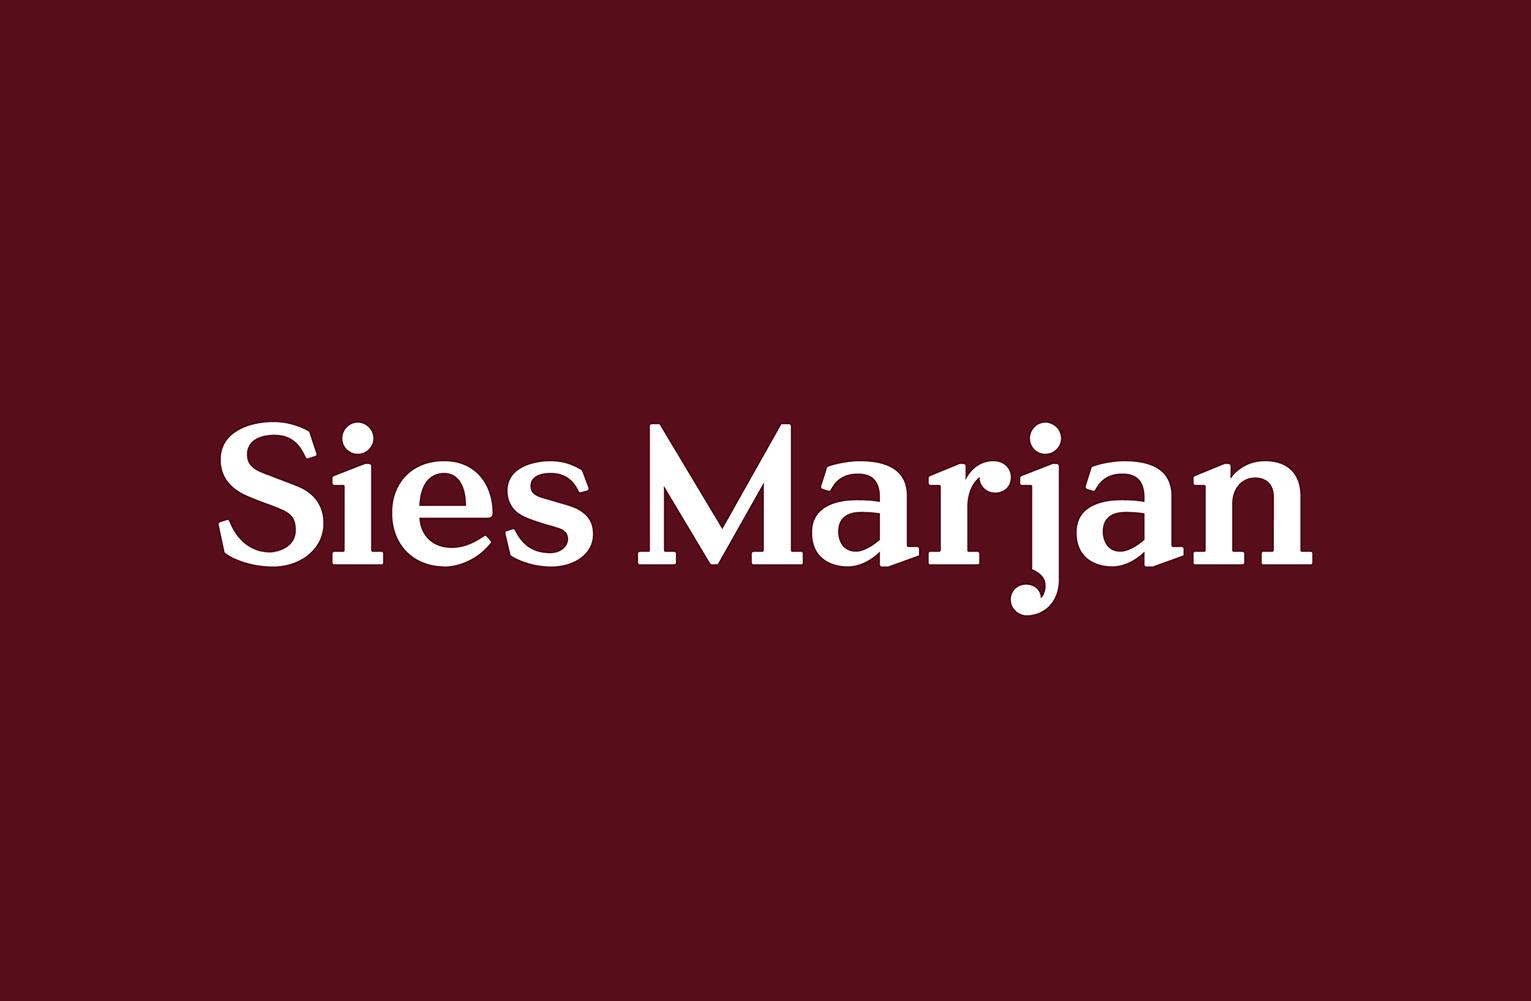 Sies Marjan